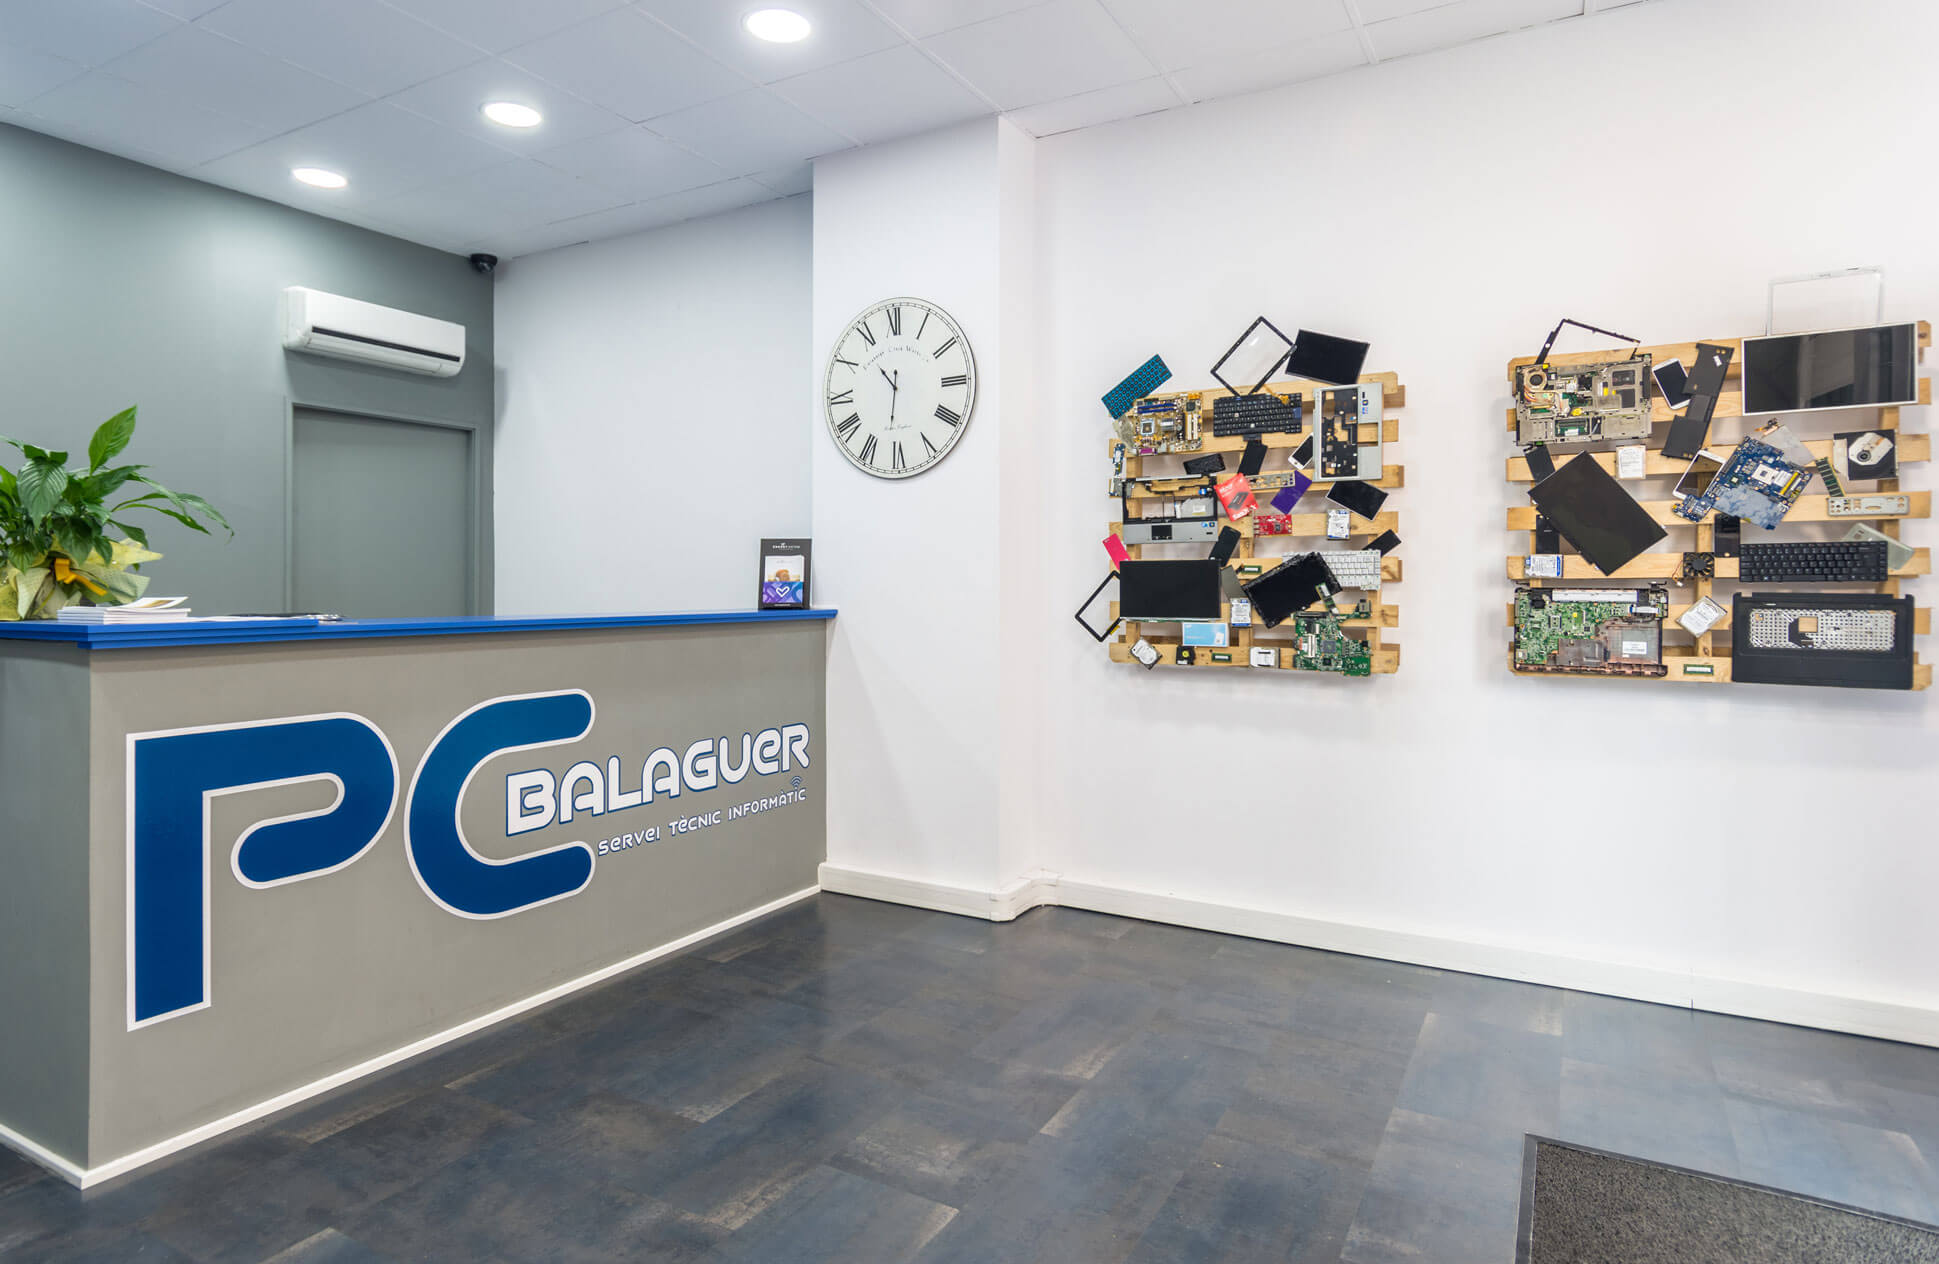 interior de la tienda PC Balaguer